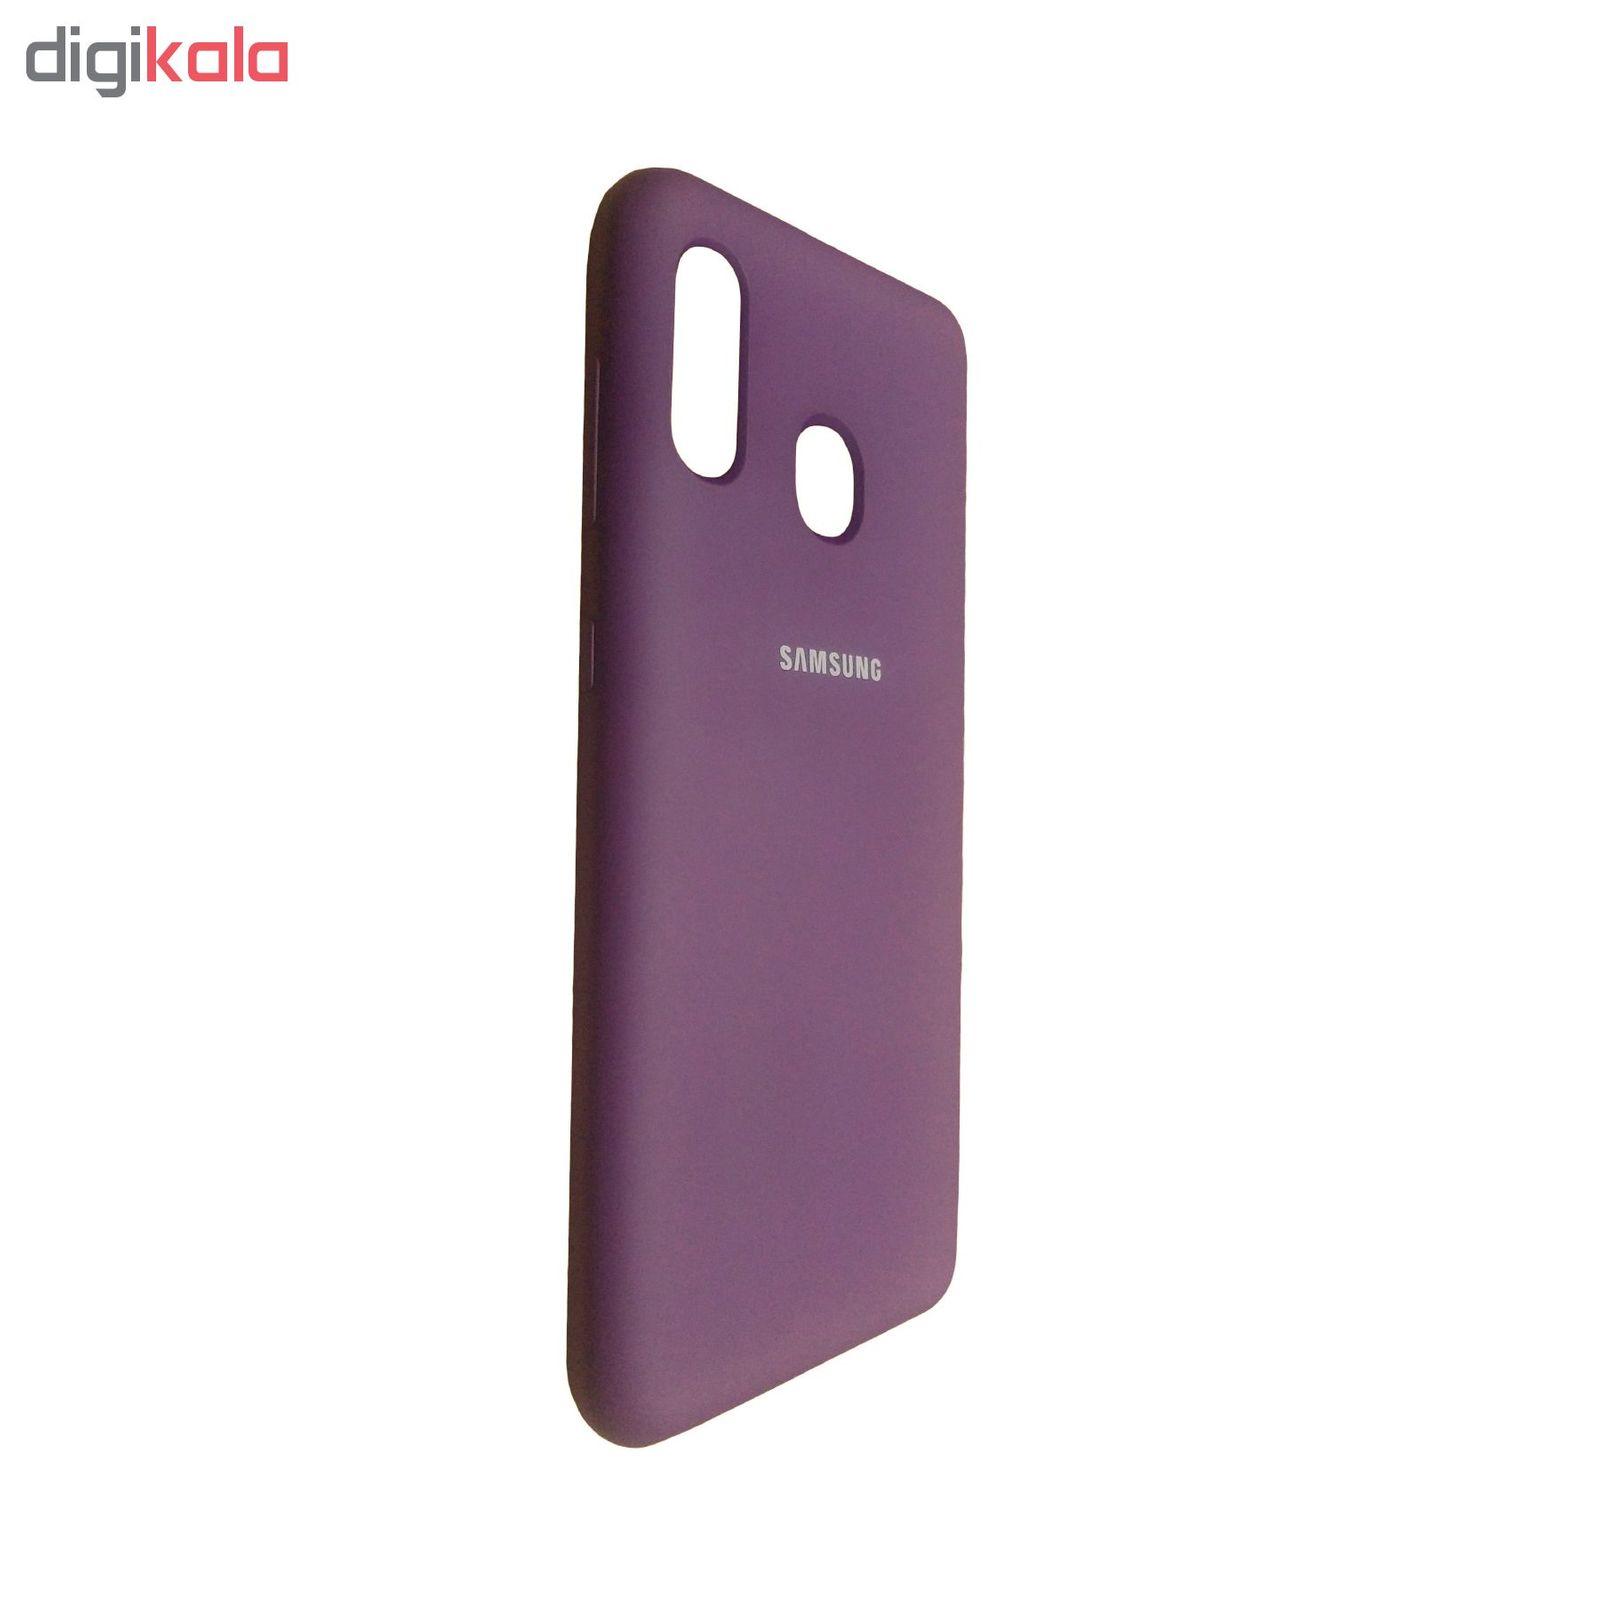 کاور مدل SCN مناسب برای گوشی موبایل سامسونگ Galaxy A20 / A30 main 1 3